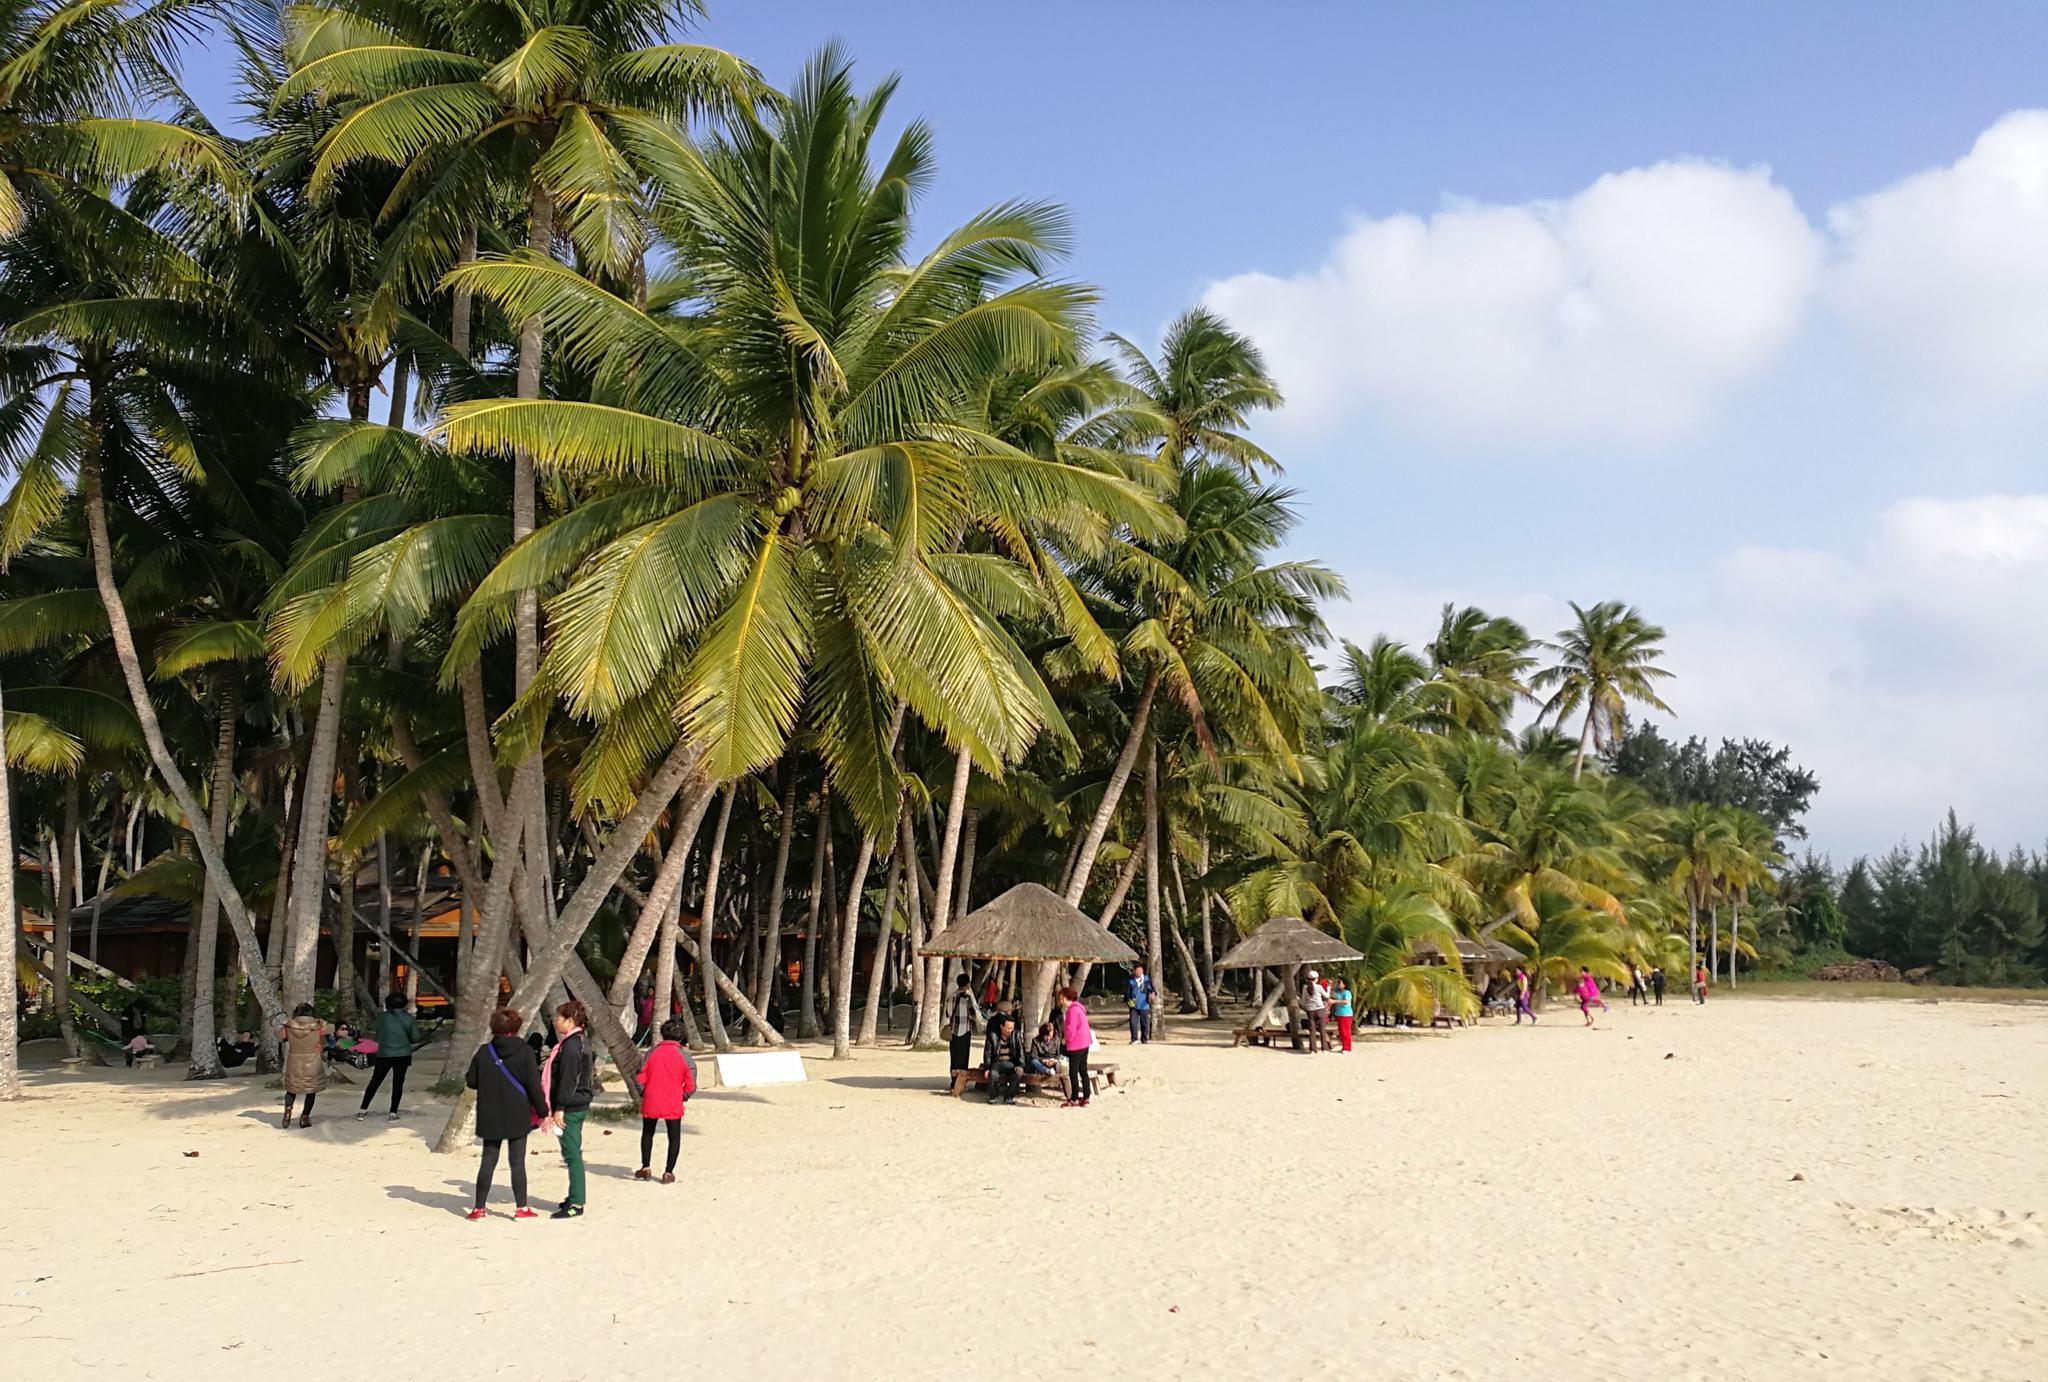 海南岛风光:椰风海韵、海天一色,微风拂过飘来了阵阵花香